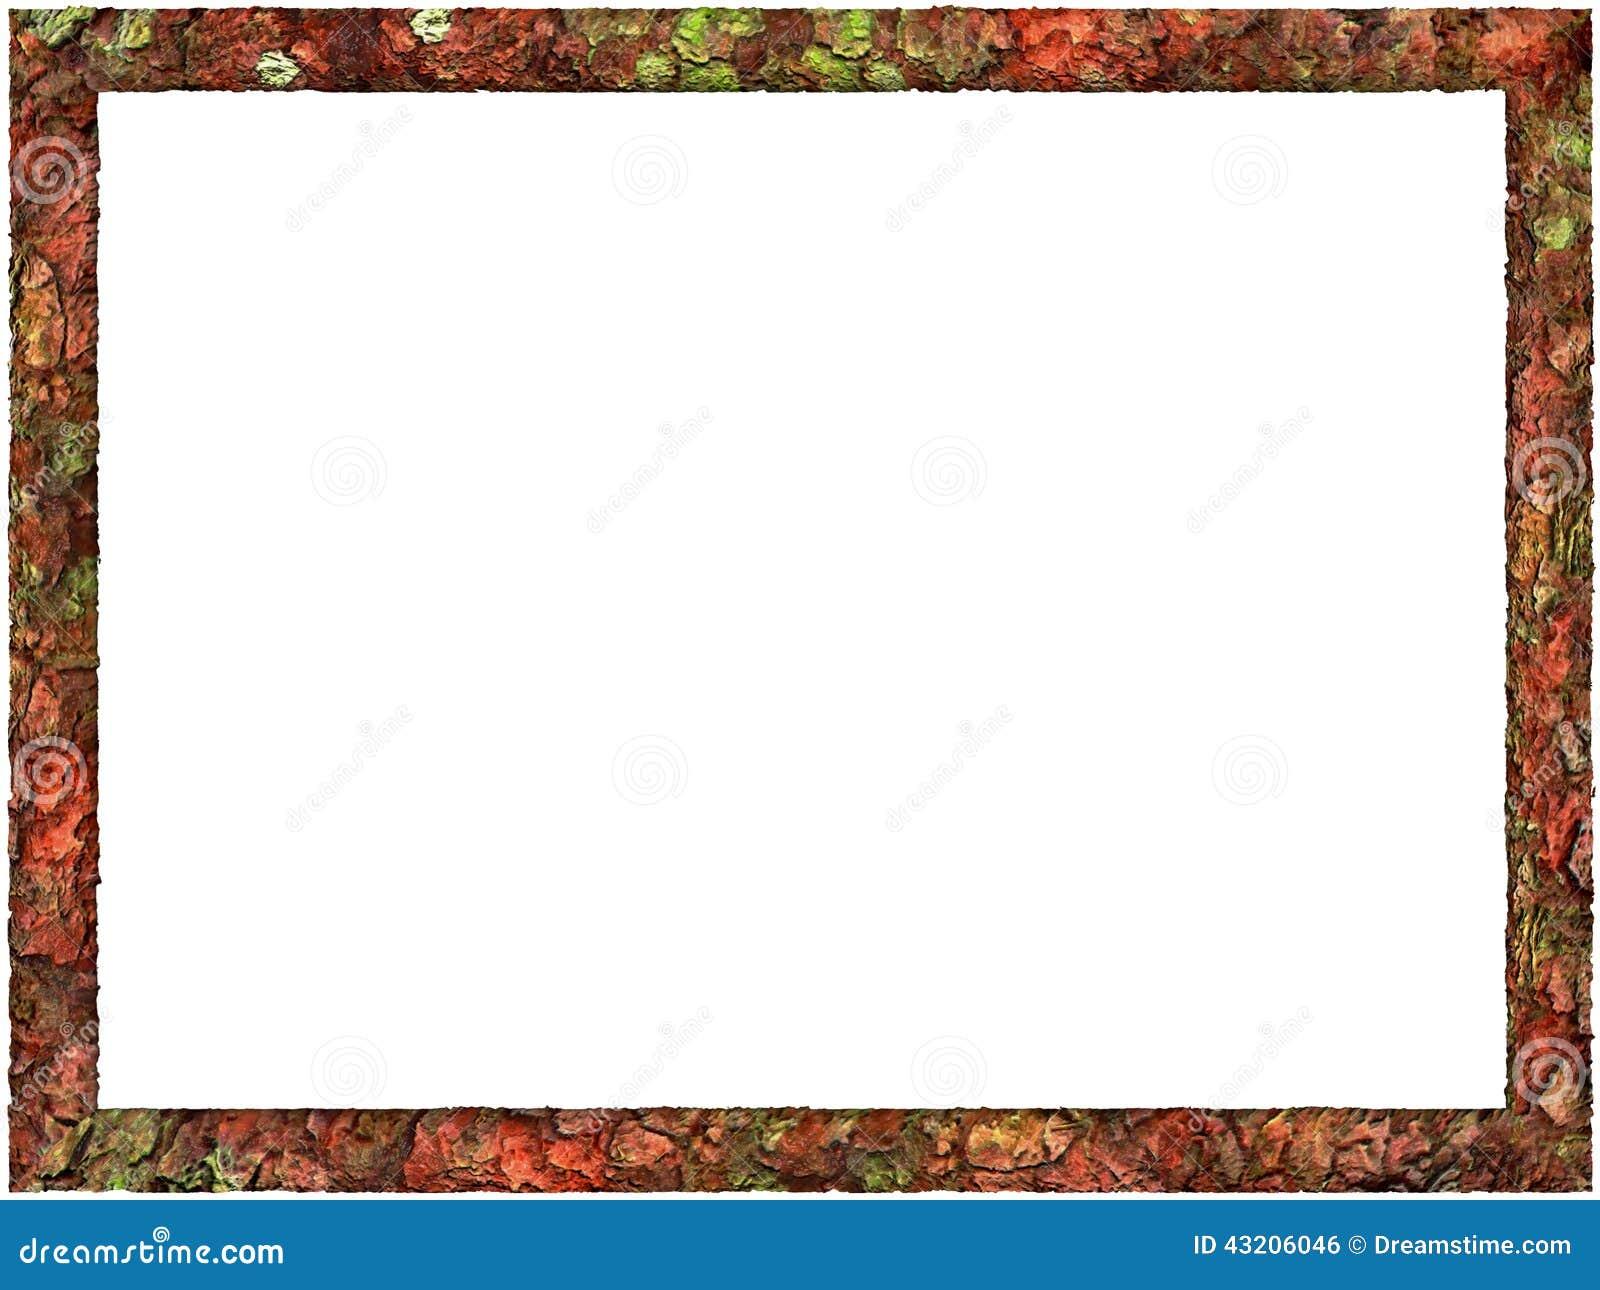 Download Konstnärlig Abstrakt Lövverkram Stock Illustrationer - Illustration av framför, fall: 43206046